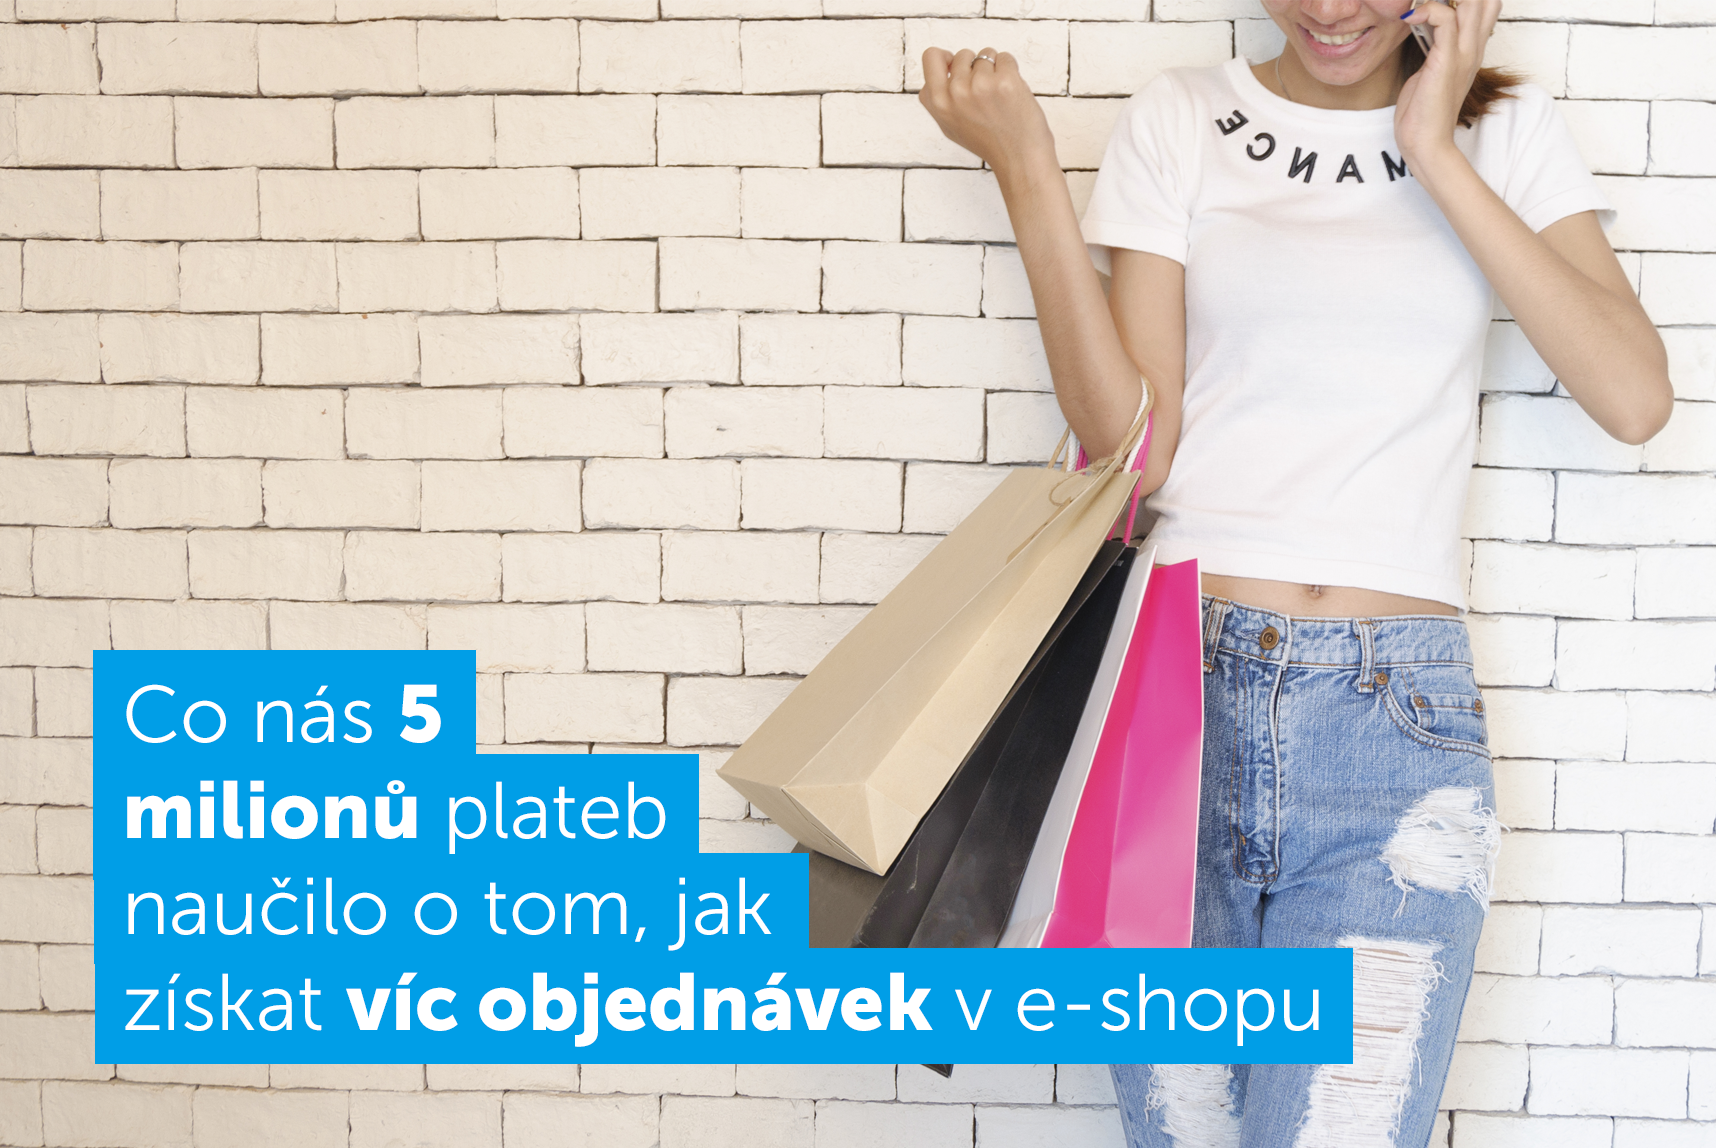 GoPay e-shop